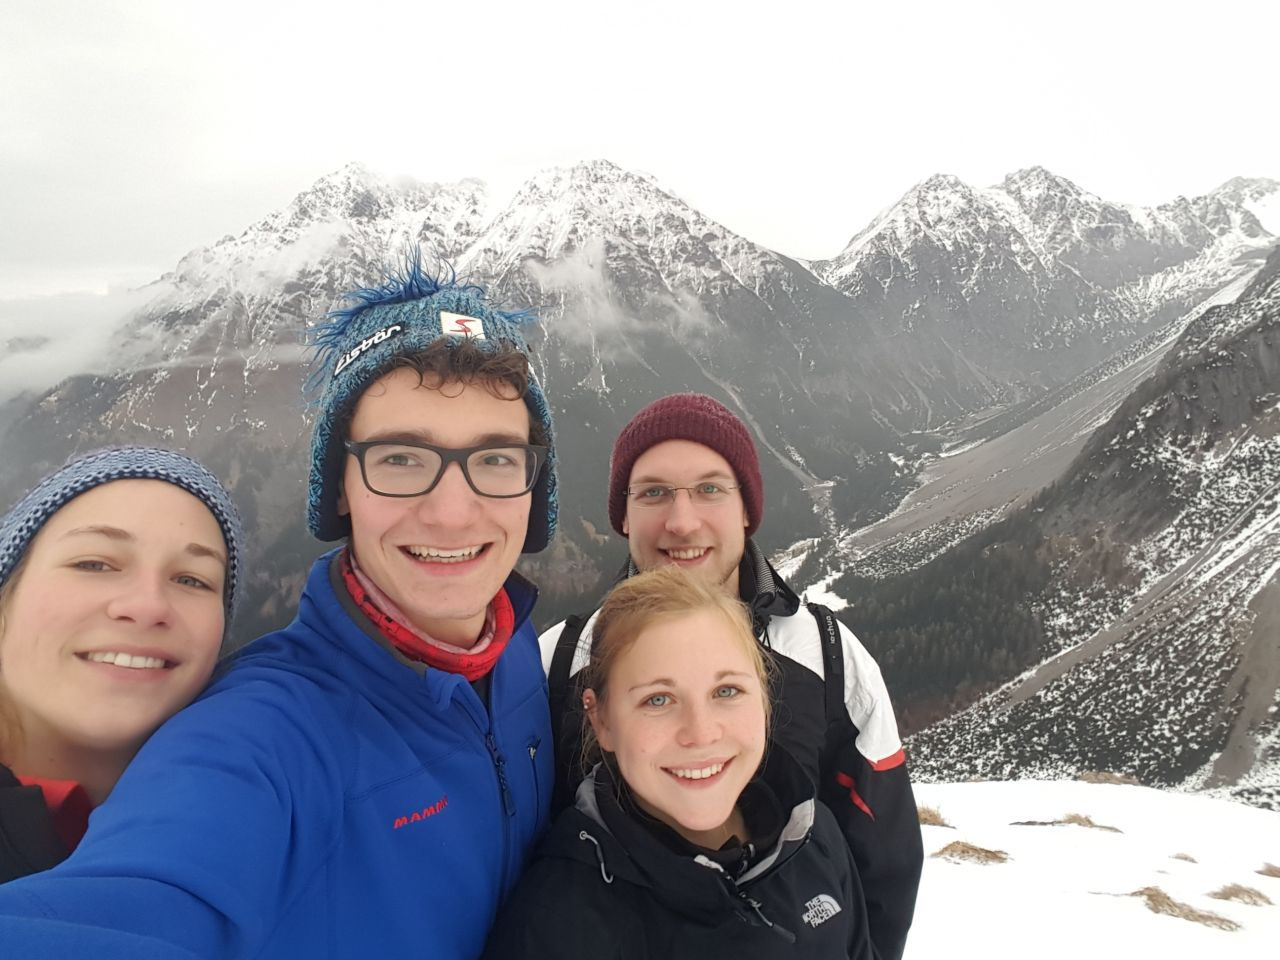 Skiwochenende15-2015_12_31 14_28_25-4